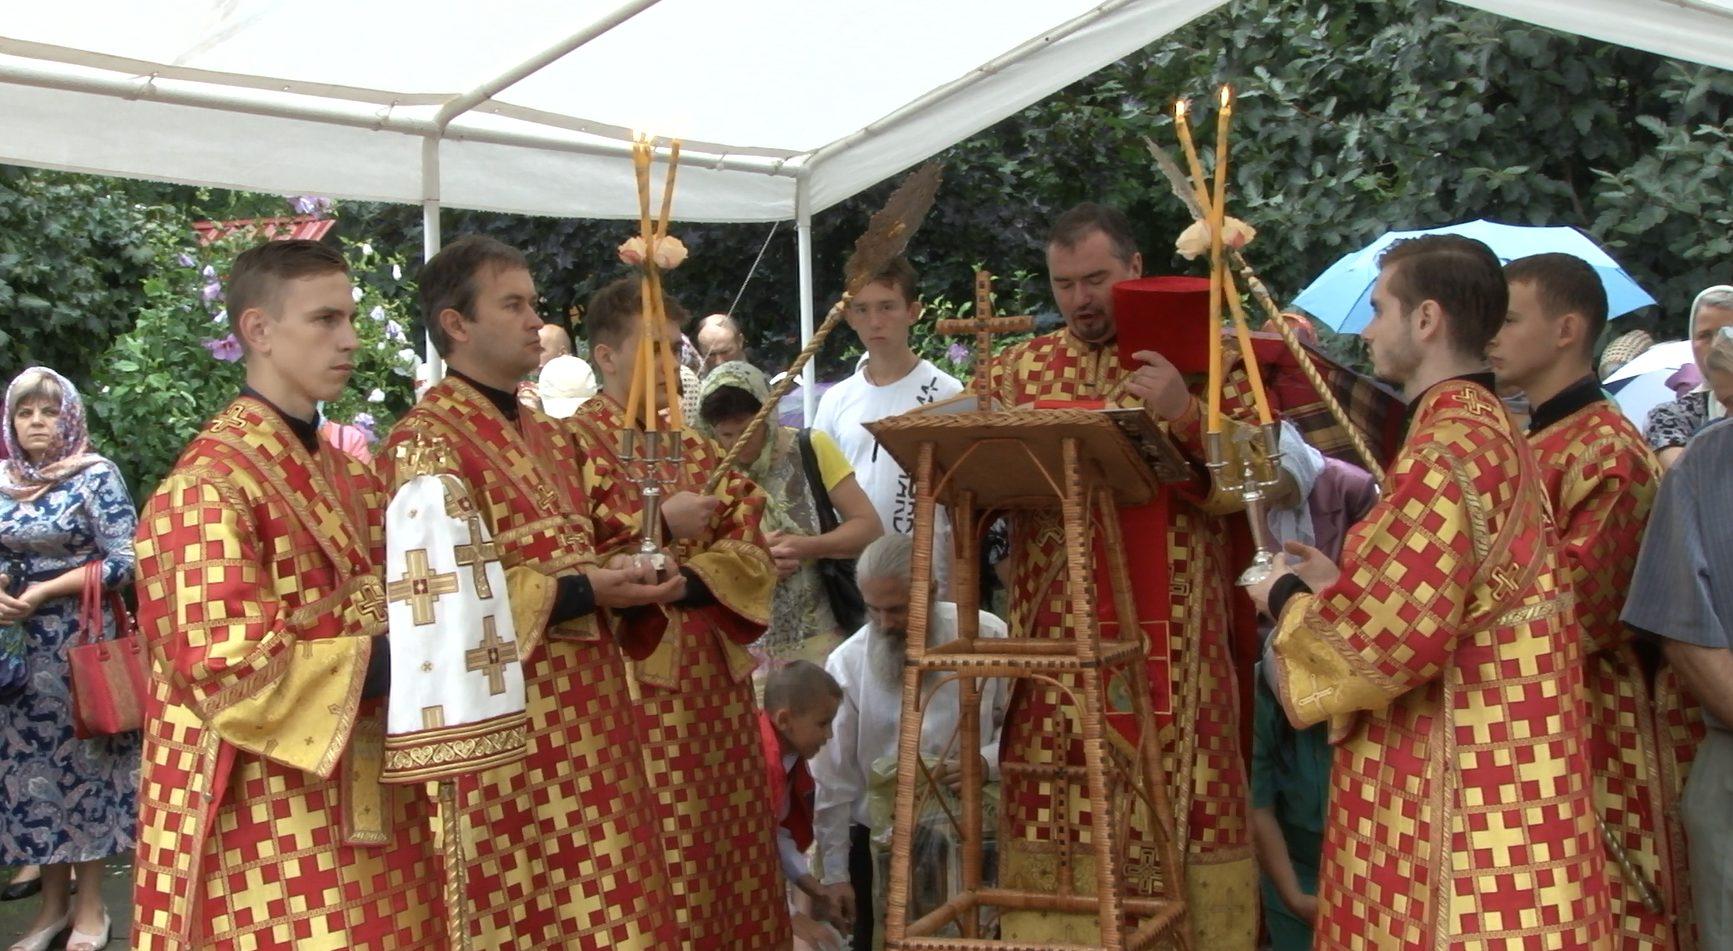 VIDEO | Creştin ortodocşii din Bălți l-au sărbătorit astăzi pe Sfântul Mare Mucenic Pantelimon